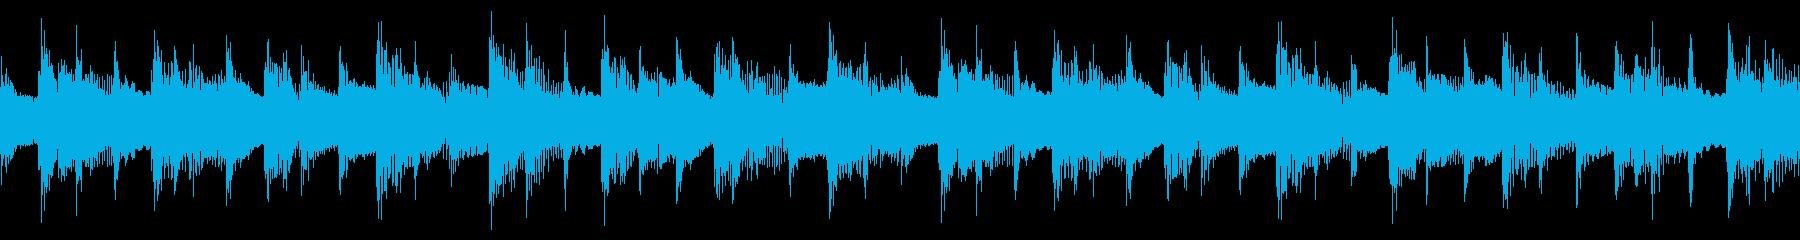 三拍子の穏やかなアコギの伴奏とオルゴールの再生済みの波形